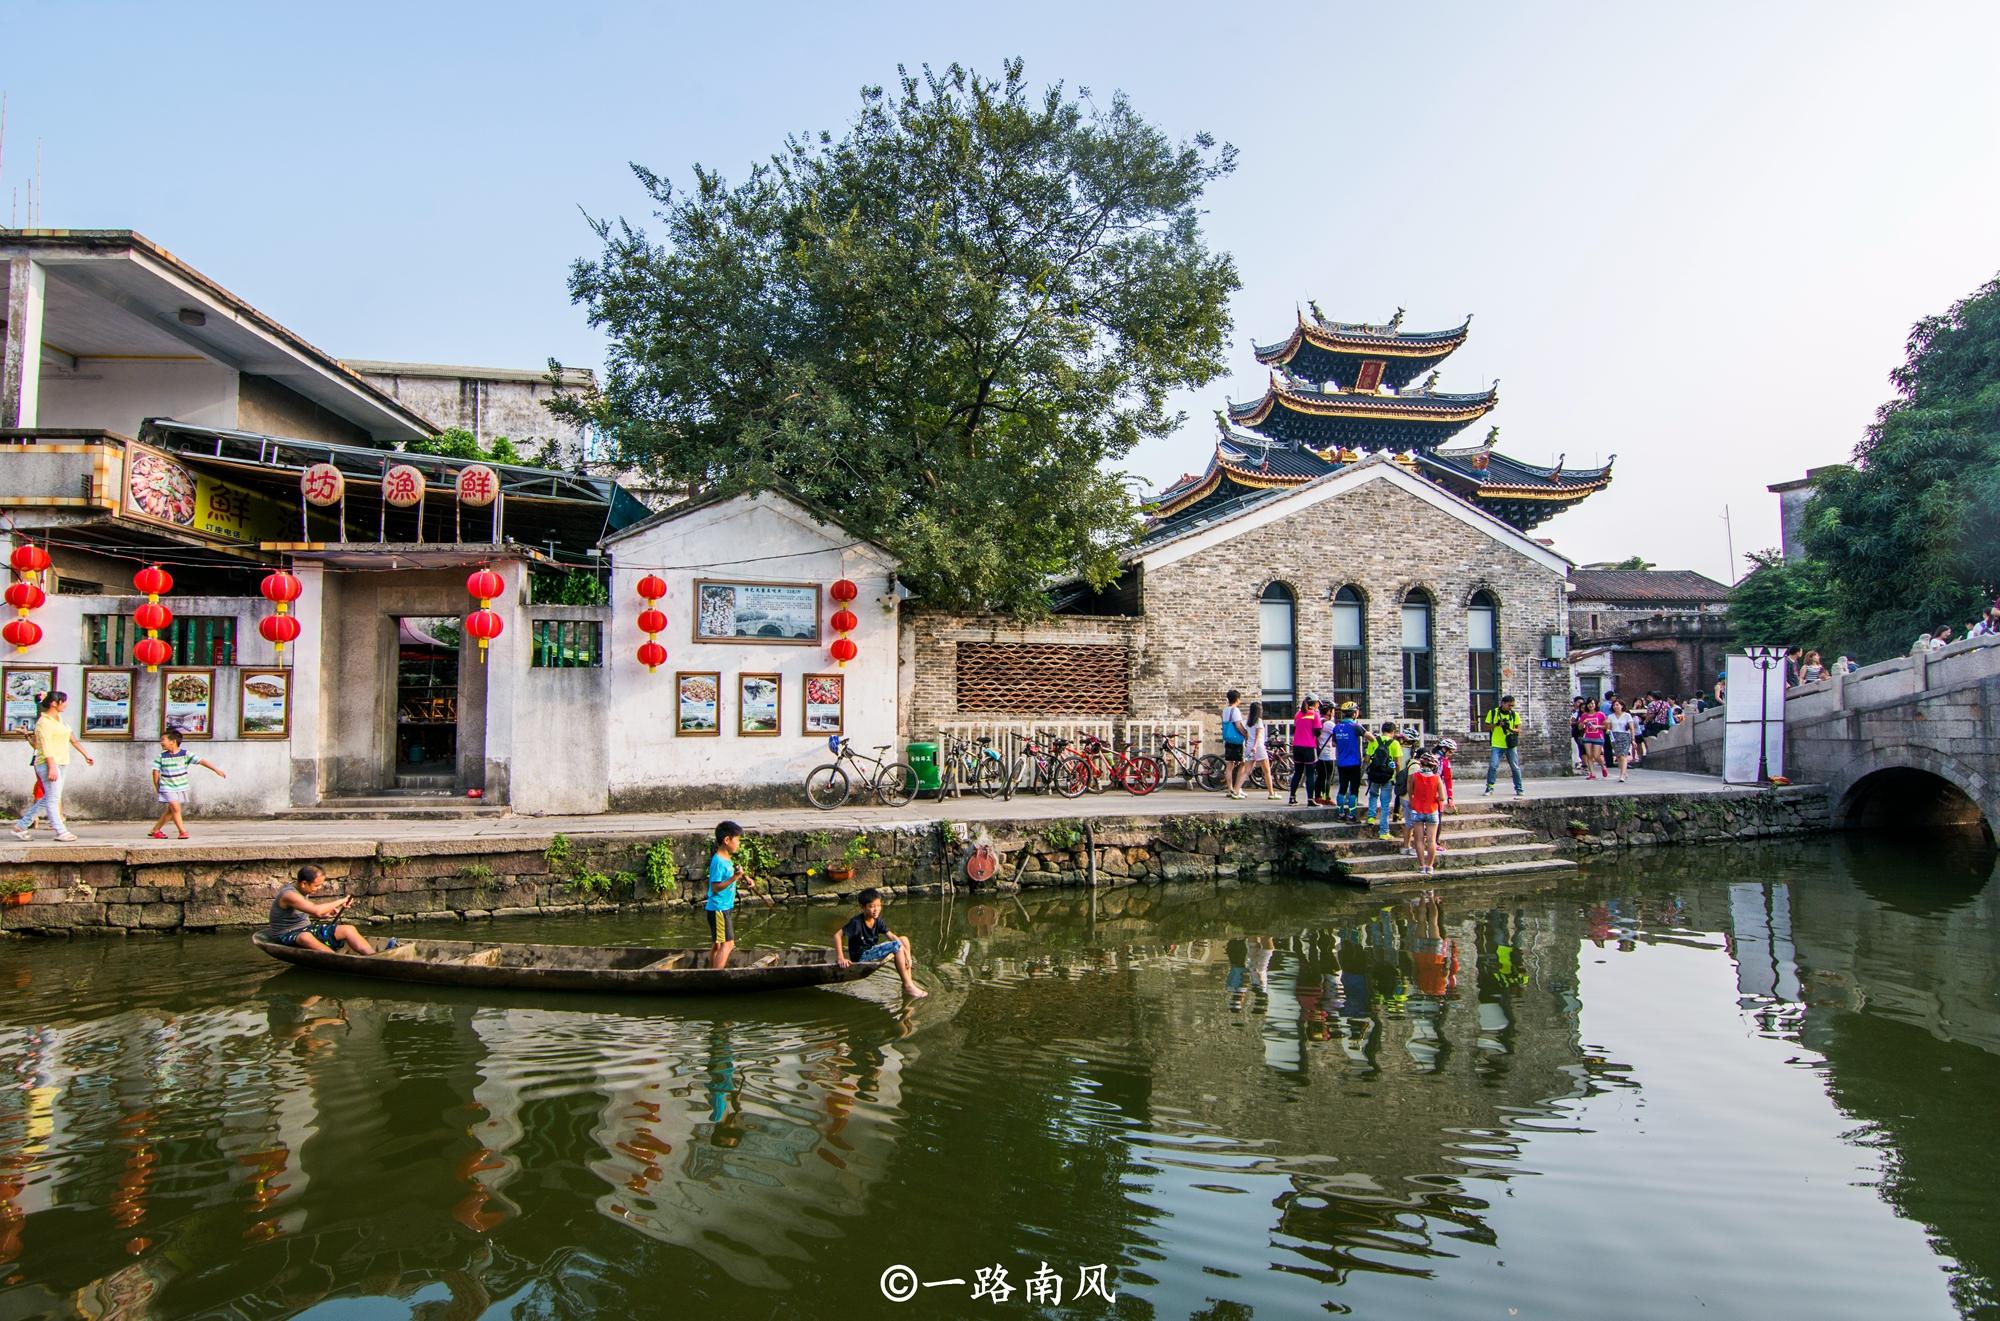 不去江南也能欣赏梦里水乡,广东这座迷人村落受游客欢迎!